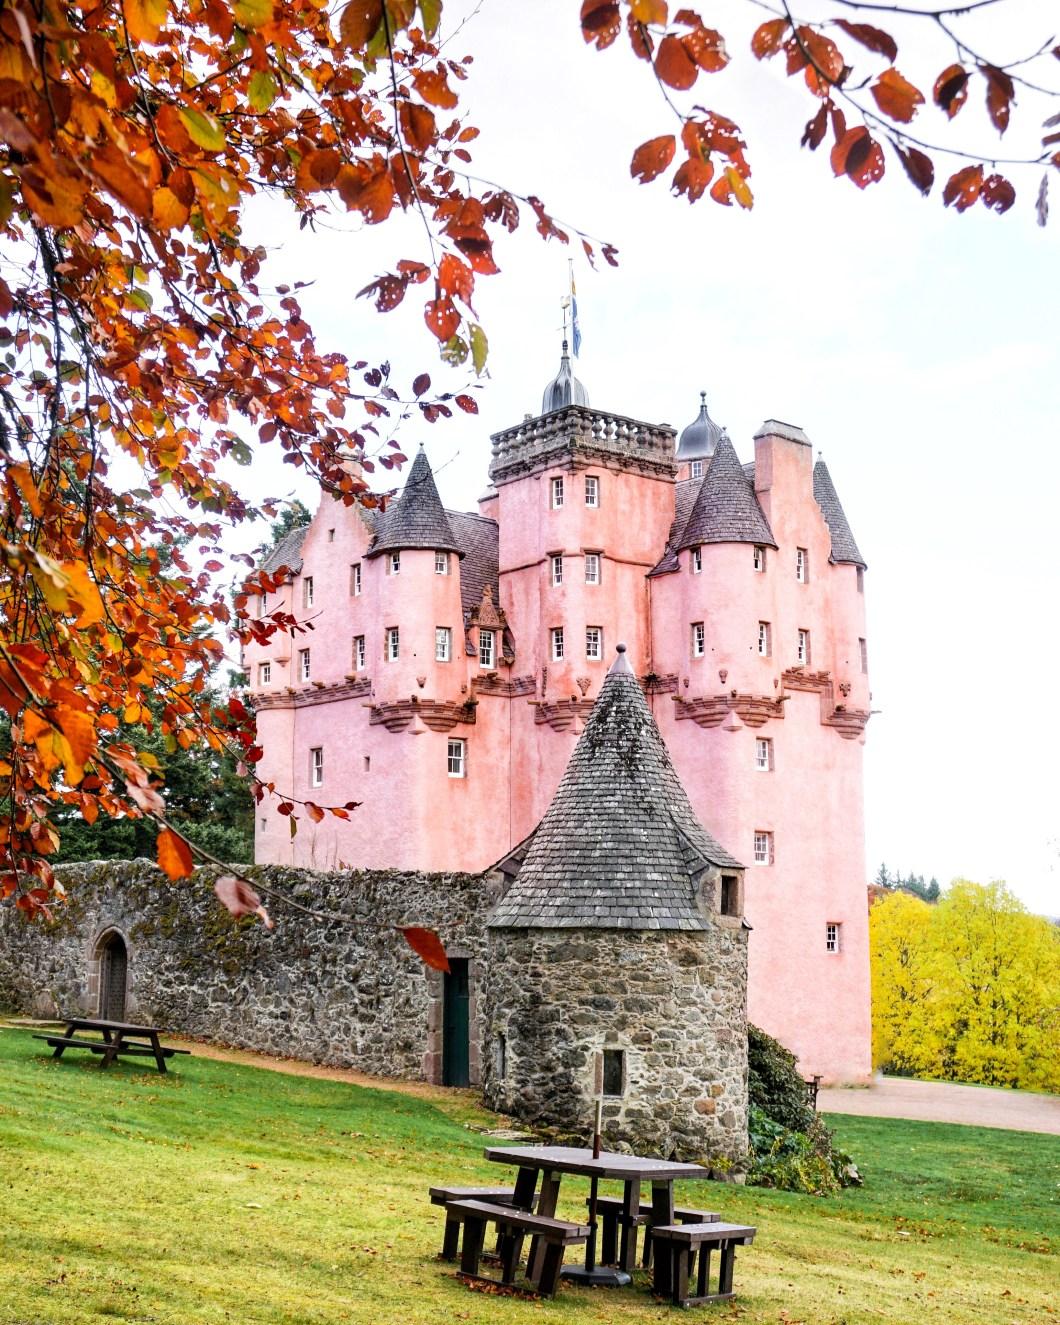 The prettiest castle in Scotland